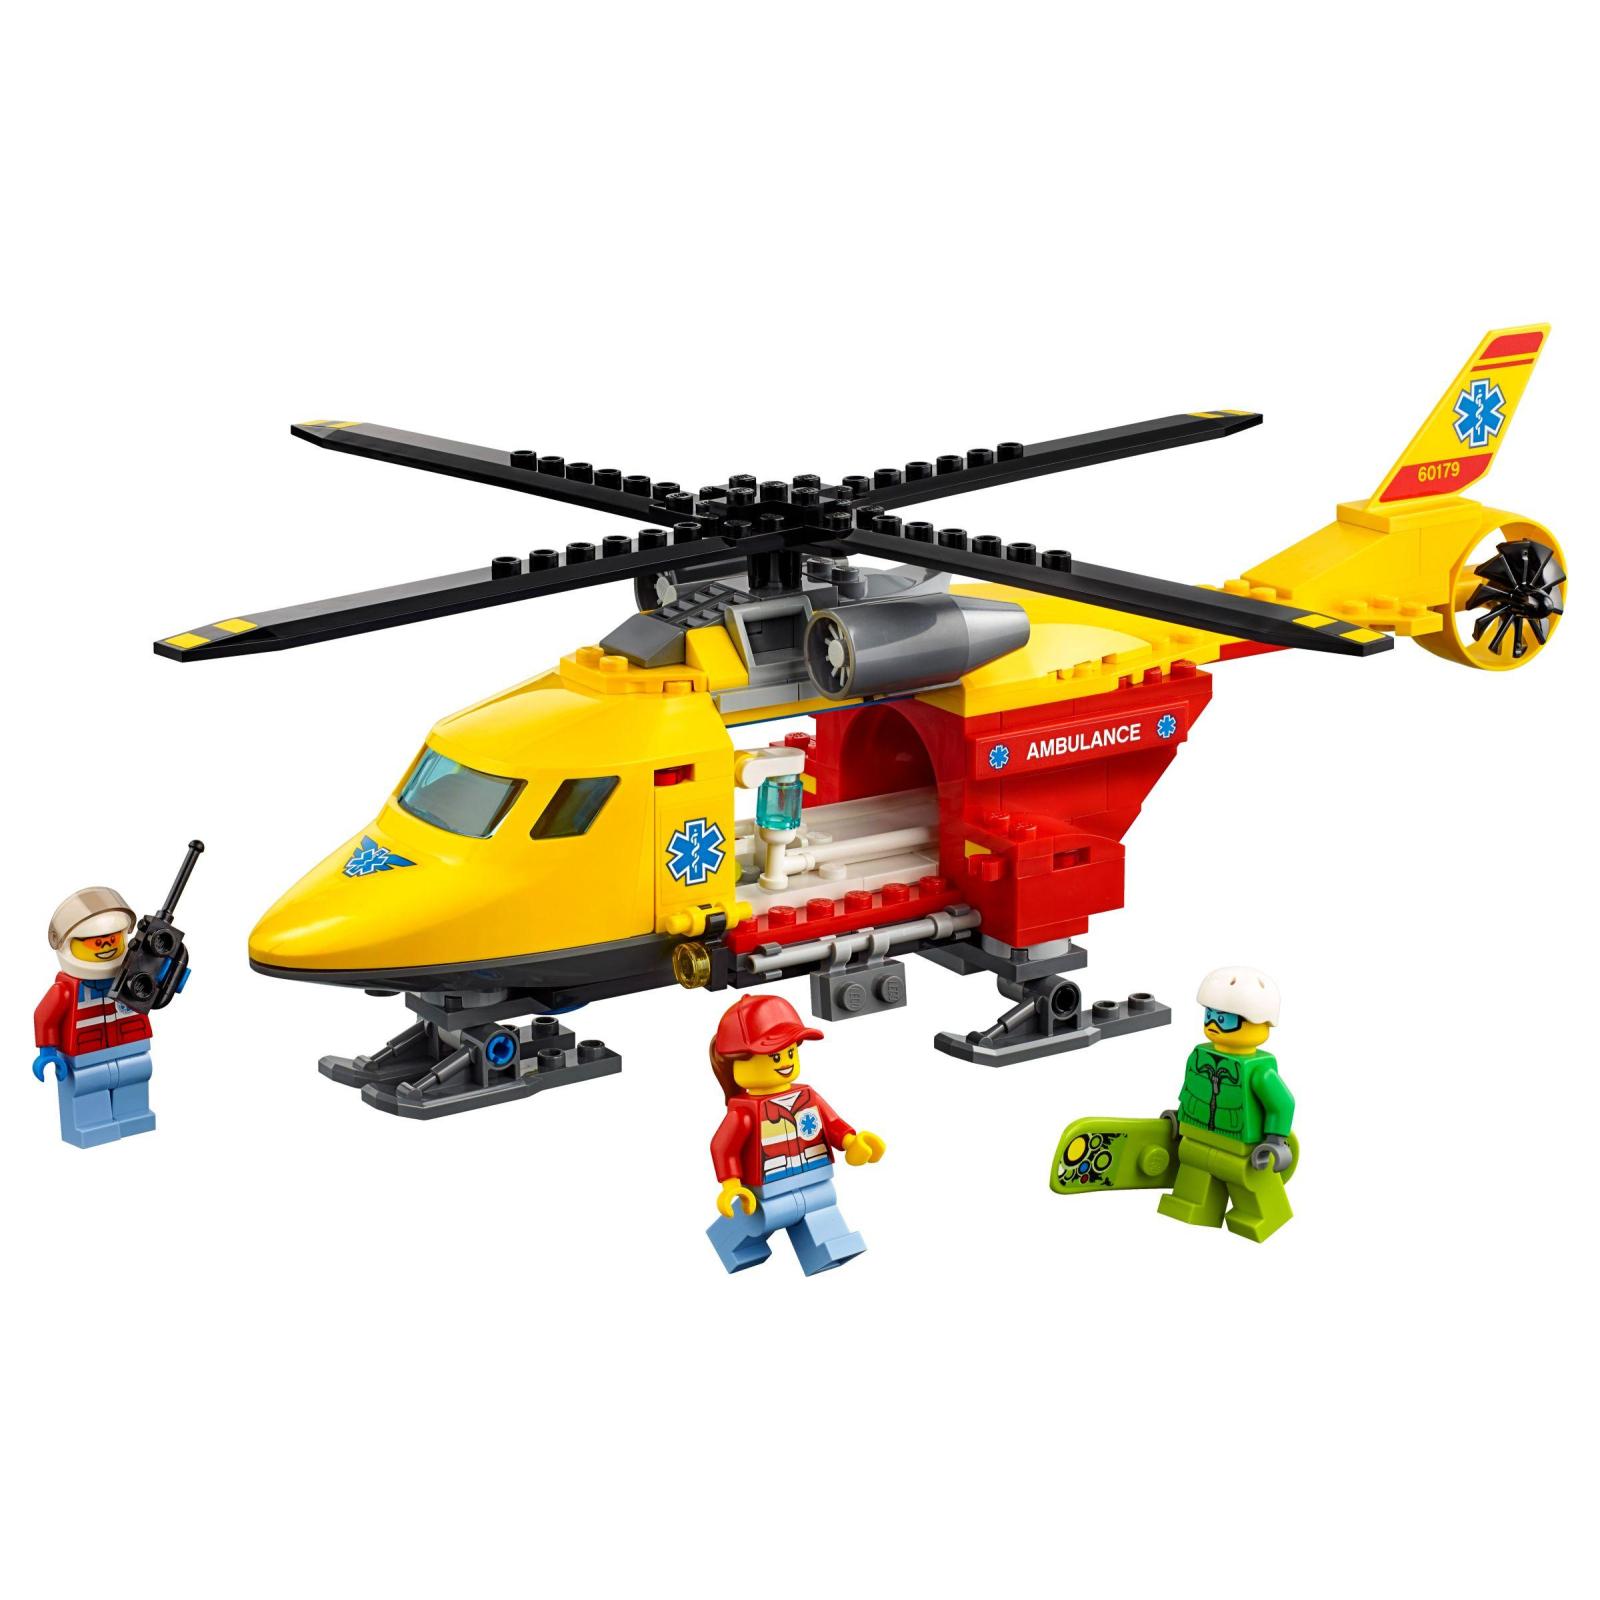 Конструктор LEGO City Вертолет скорой помощи (60179) изображение 2